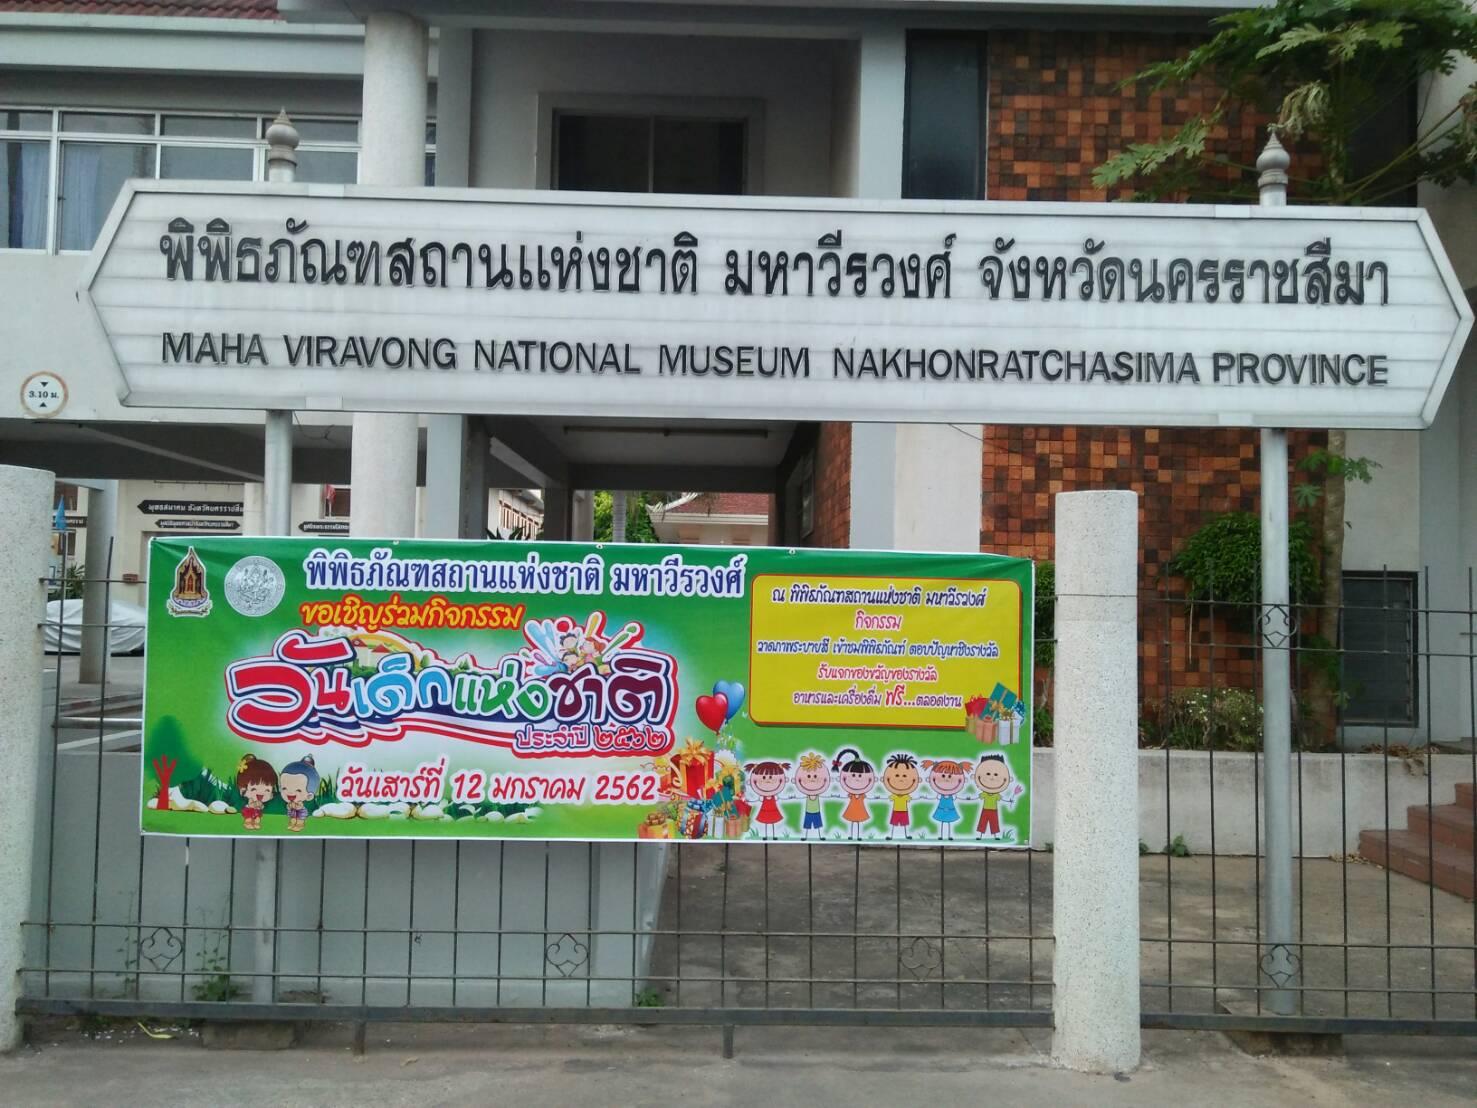 กิจกรรมวันเด็กแห่งชาติ ประจำปี พ.ศ. 2562 พิพิธภัณฑสถานแห่งชาติ มหาวีรวงศ์